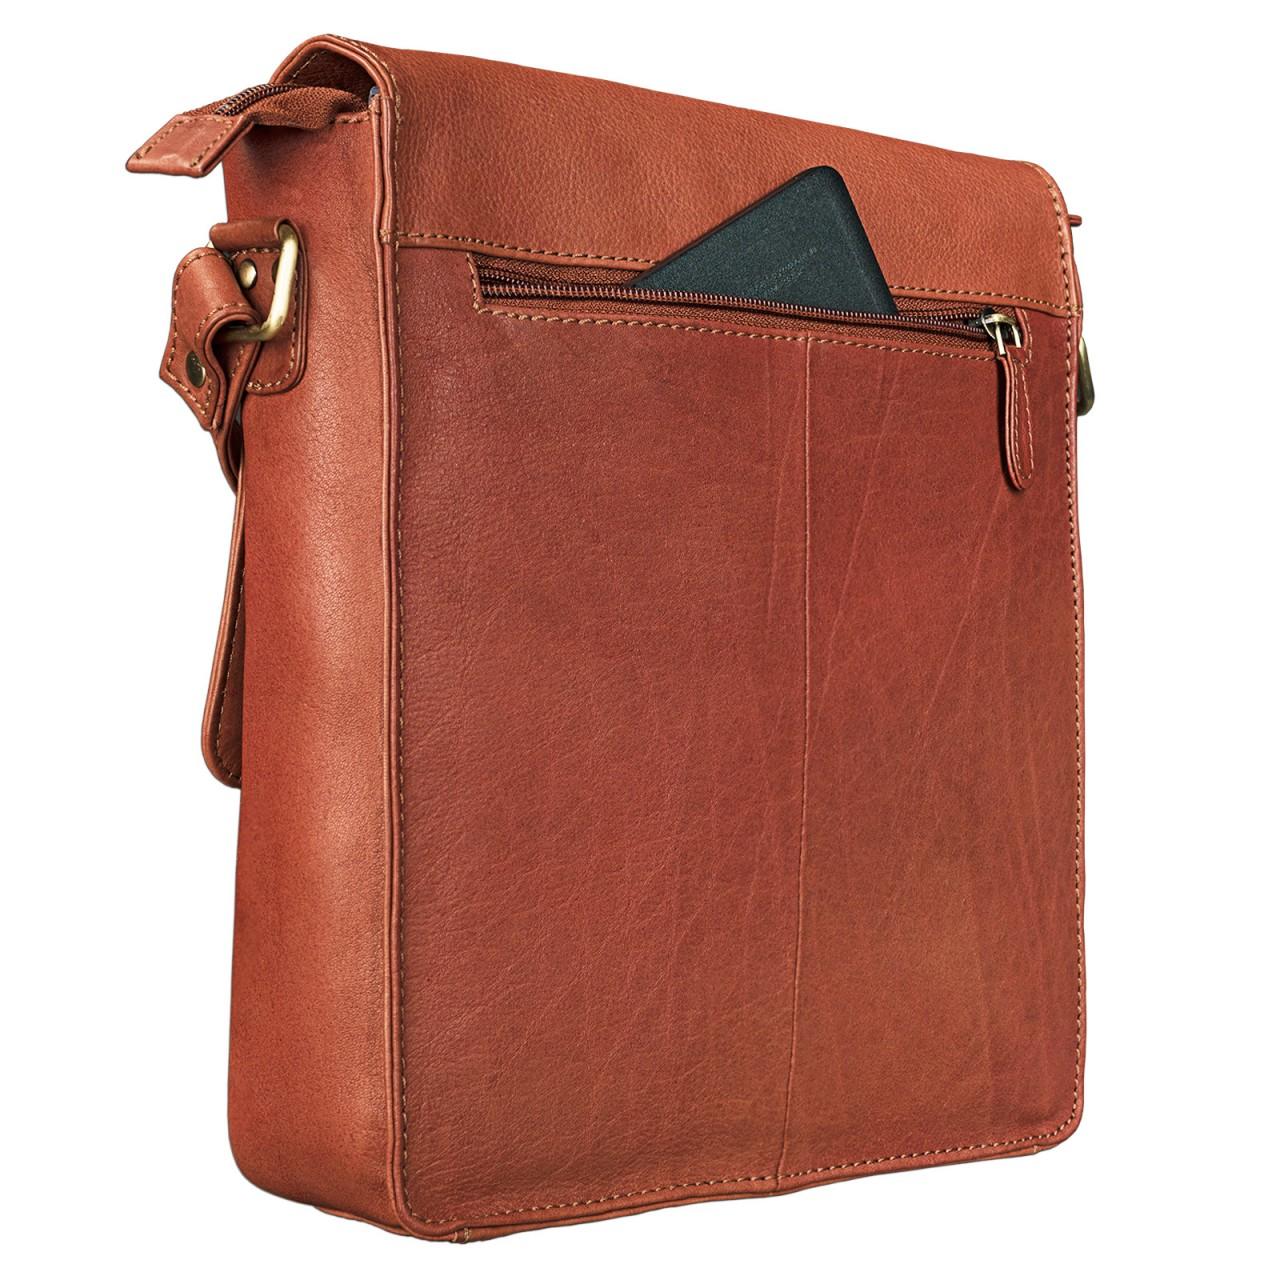 """STILORD """"Jonas"""" Vintage Herrentasche Leder braun Umhängetasche mit Reißverschluss Messenger Bag kleine Kuriertasche für 10,1 Zoll Tablet iPad echtes Leder - Bild 15"""